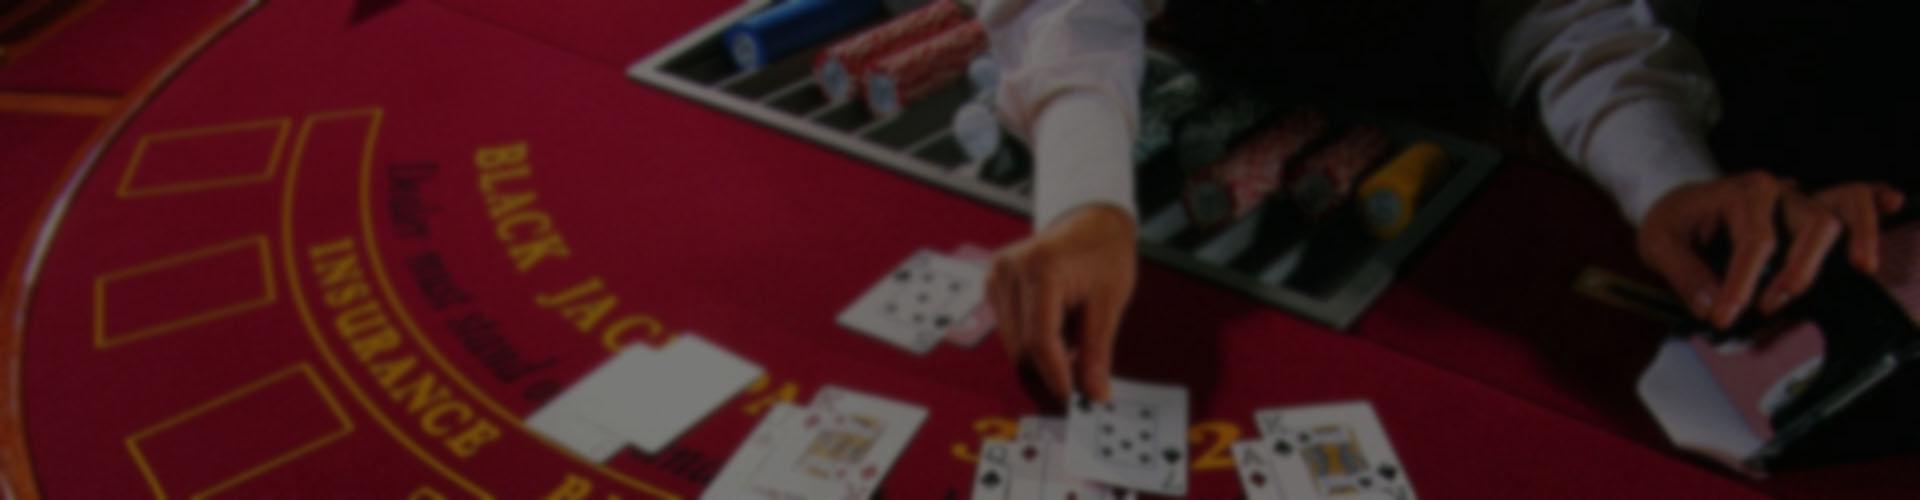 Tiki kings poker chips